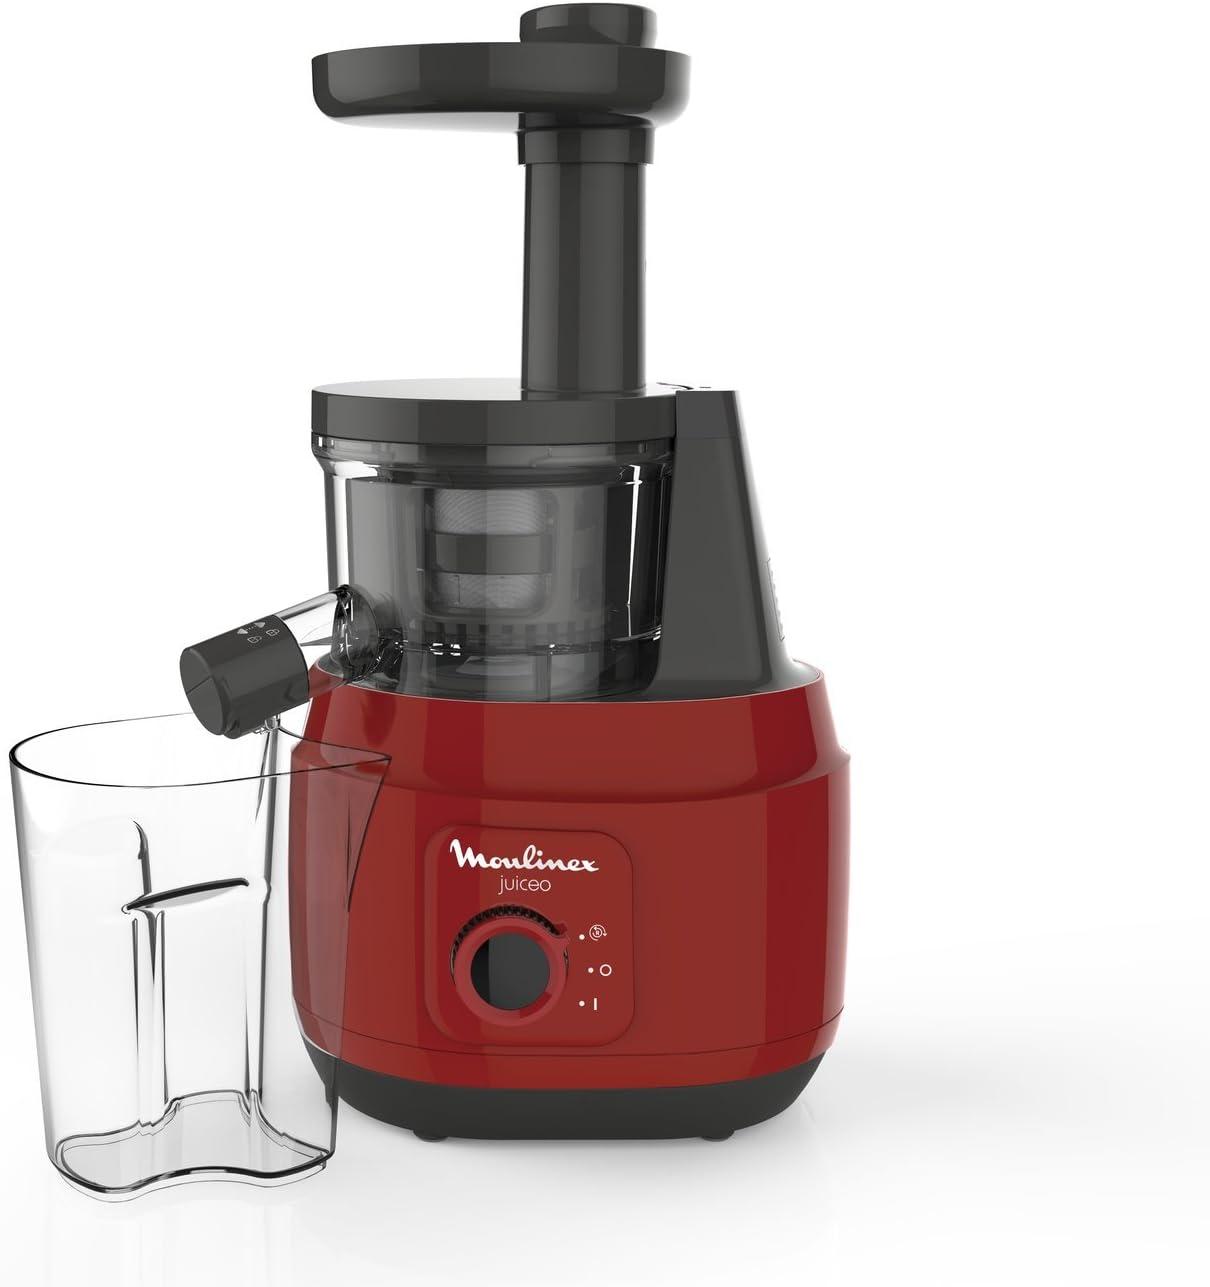 Moulinex Juice ZU150510  - Licuadora para Frutas y Verduras, Control Pulpa Ajustable, Prensado Frío y Fácil Limpieza, Panel Manual, 2 Filtros y Boquilla Antigoteo